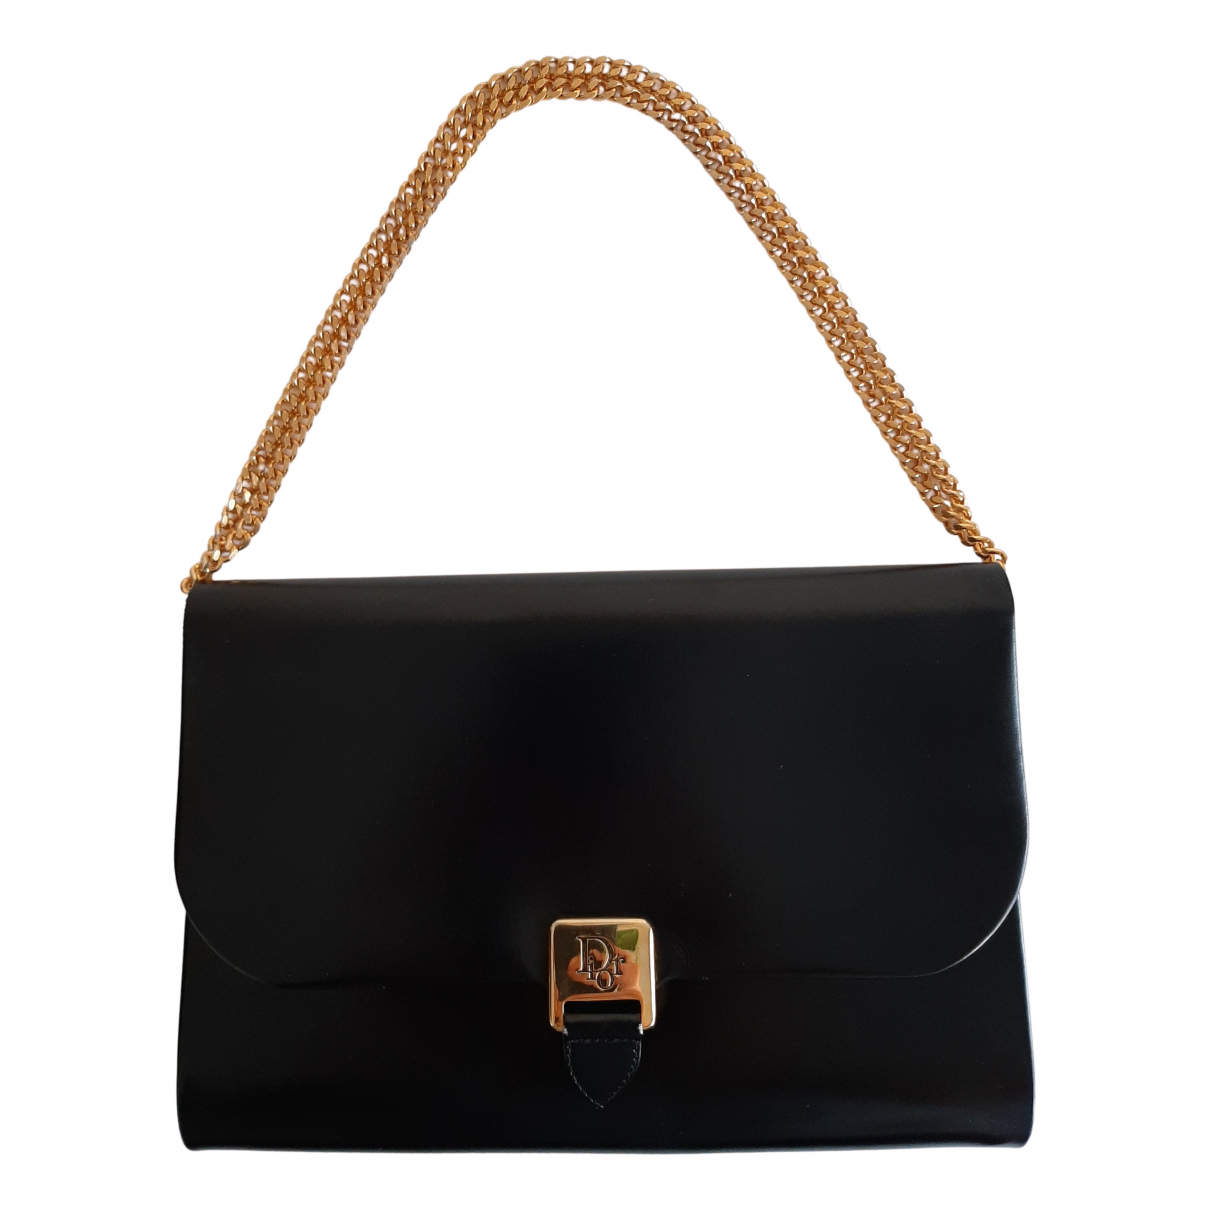 Dior - Pochette   pour femme en cuir verni - noir